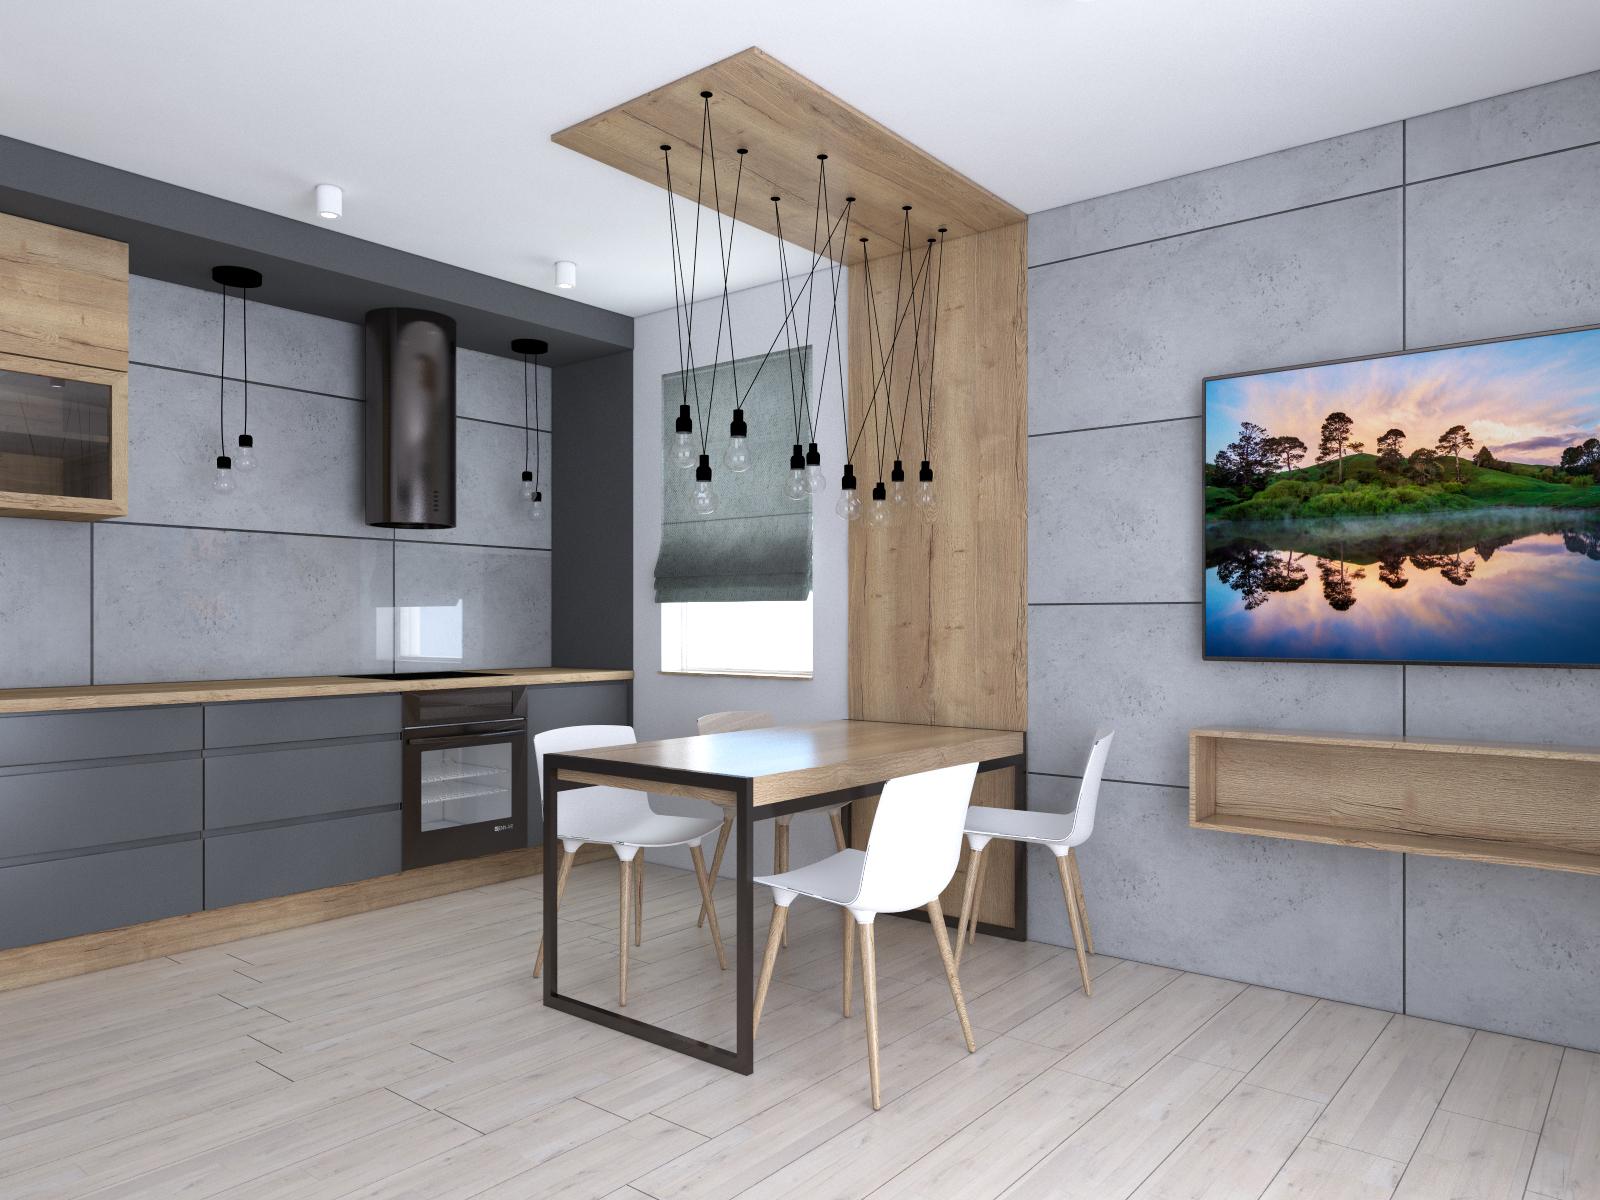 Szare Meble W Kuchni Im Wnętrza Projektowanie Wnętrz